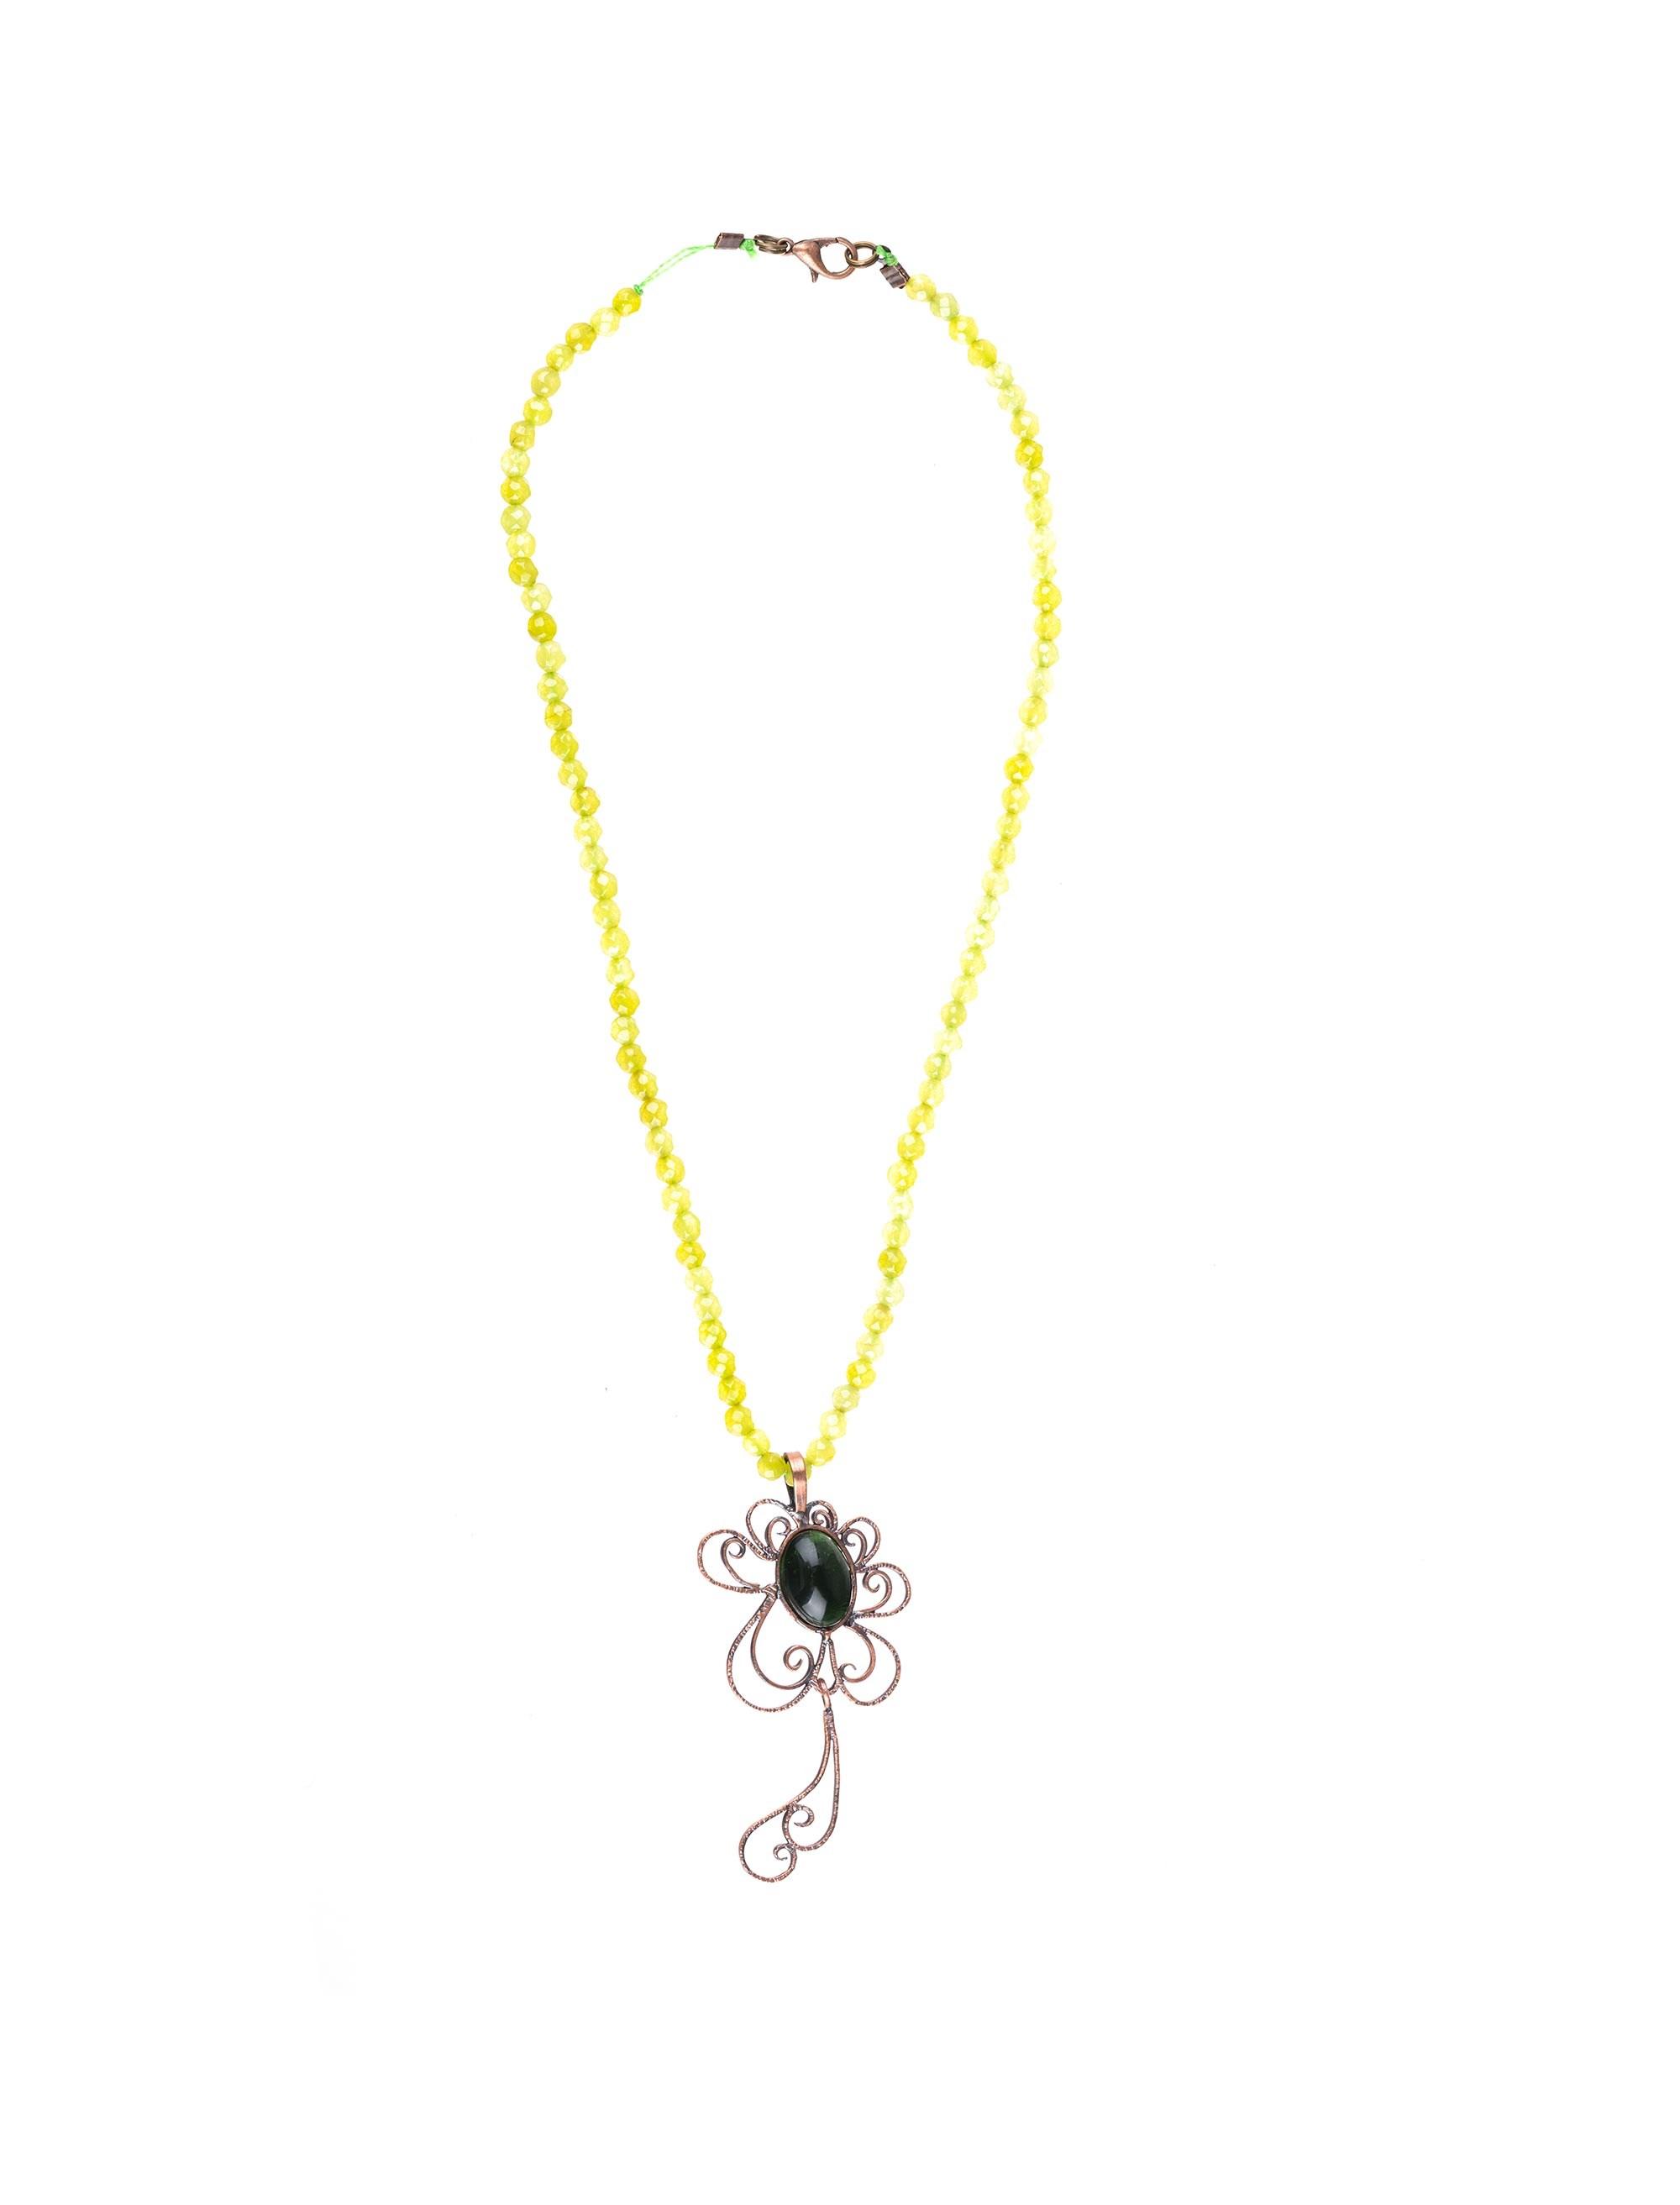 گردنبند آویز زنانه - زرمس تک سایز - سبز روشن - 1